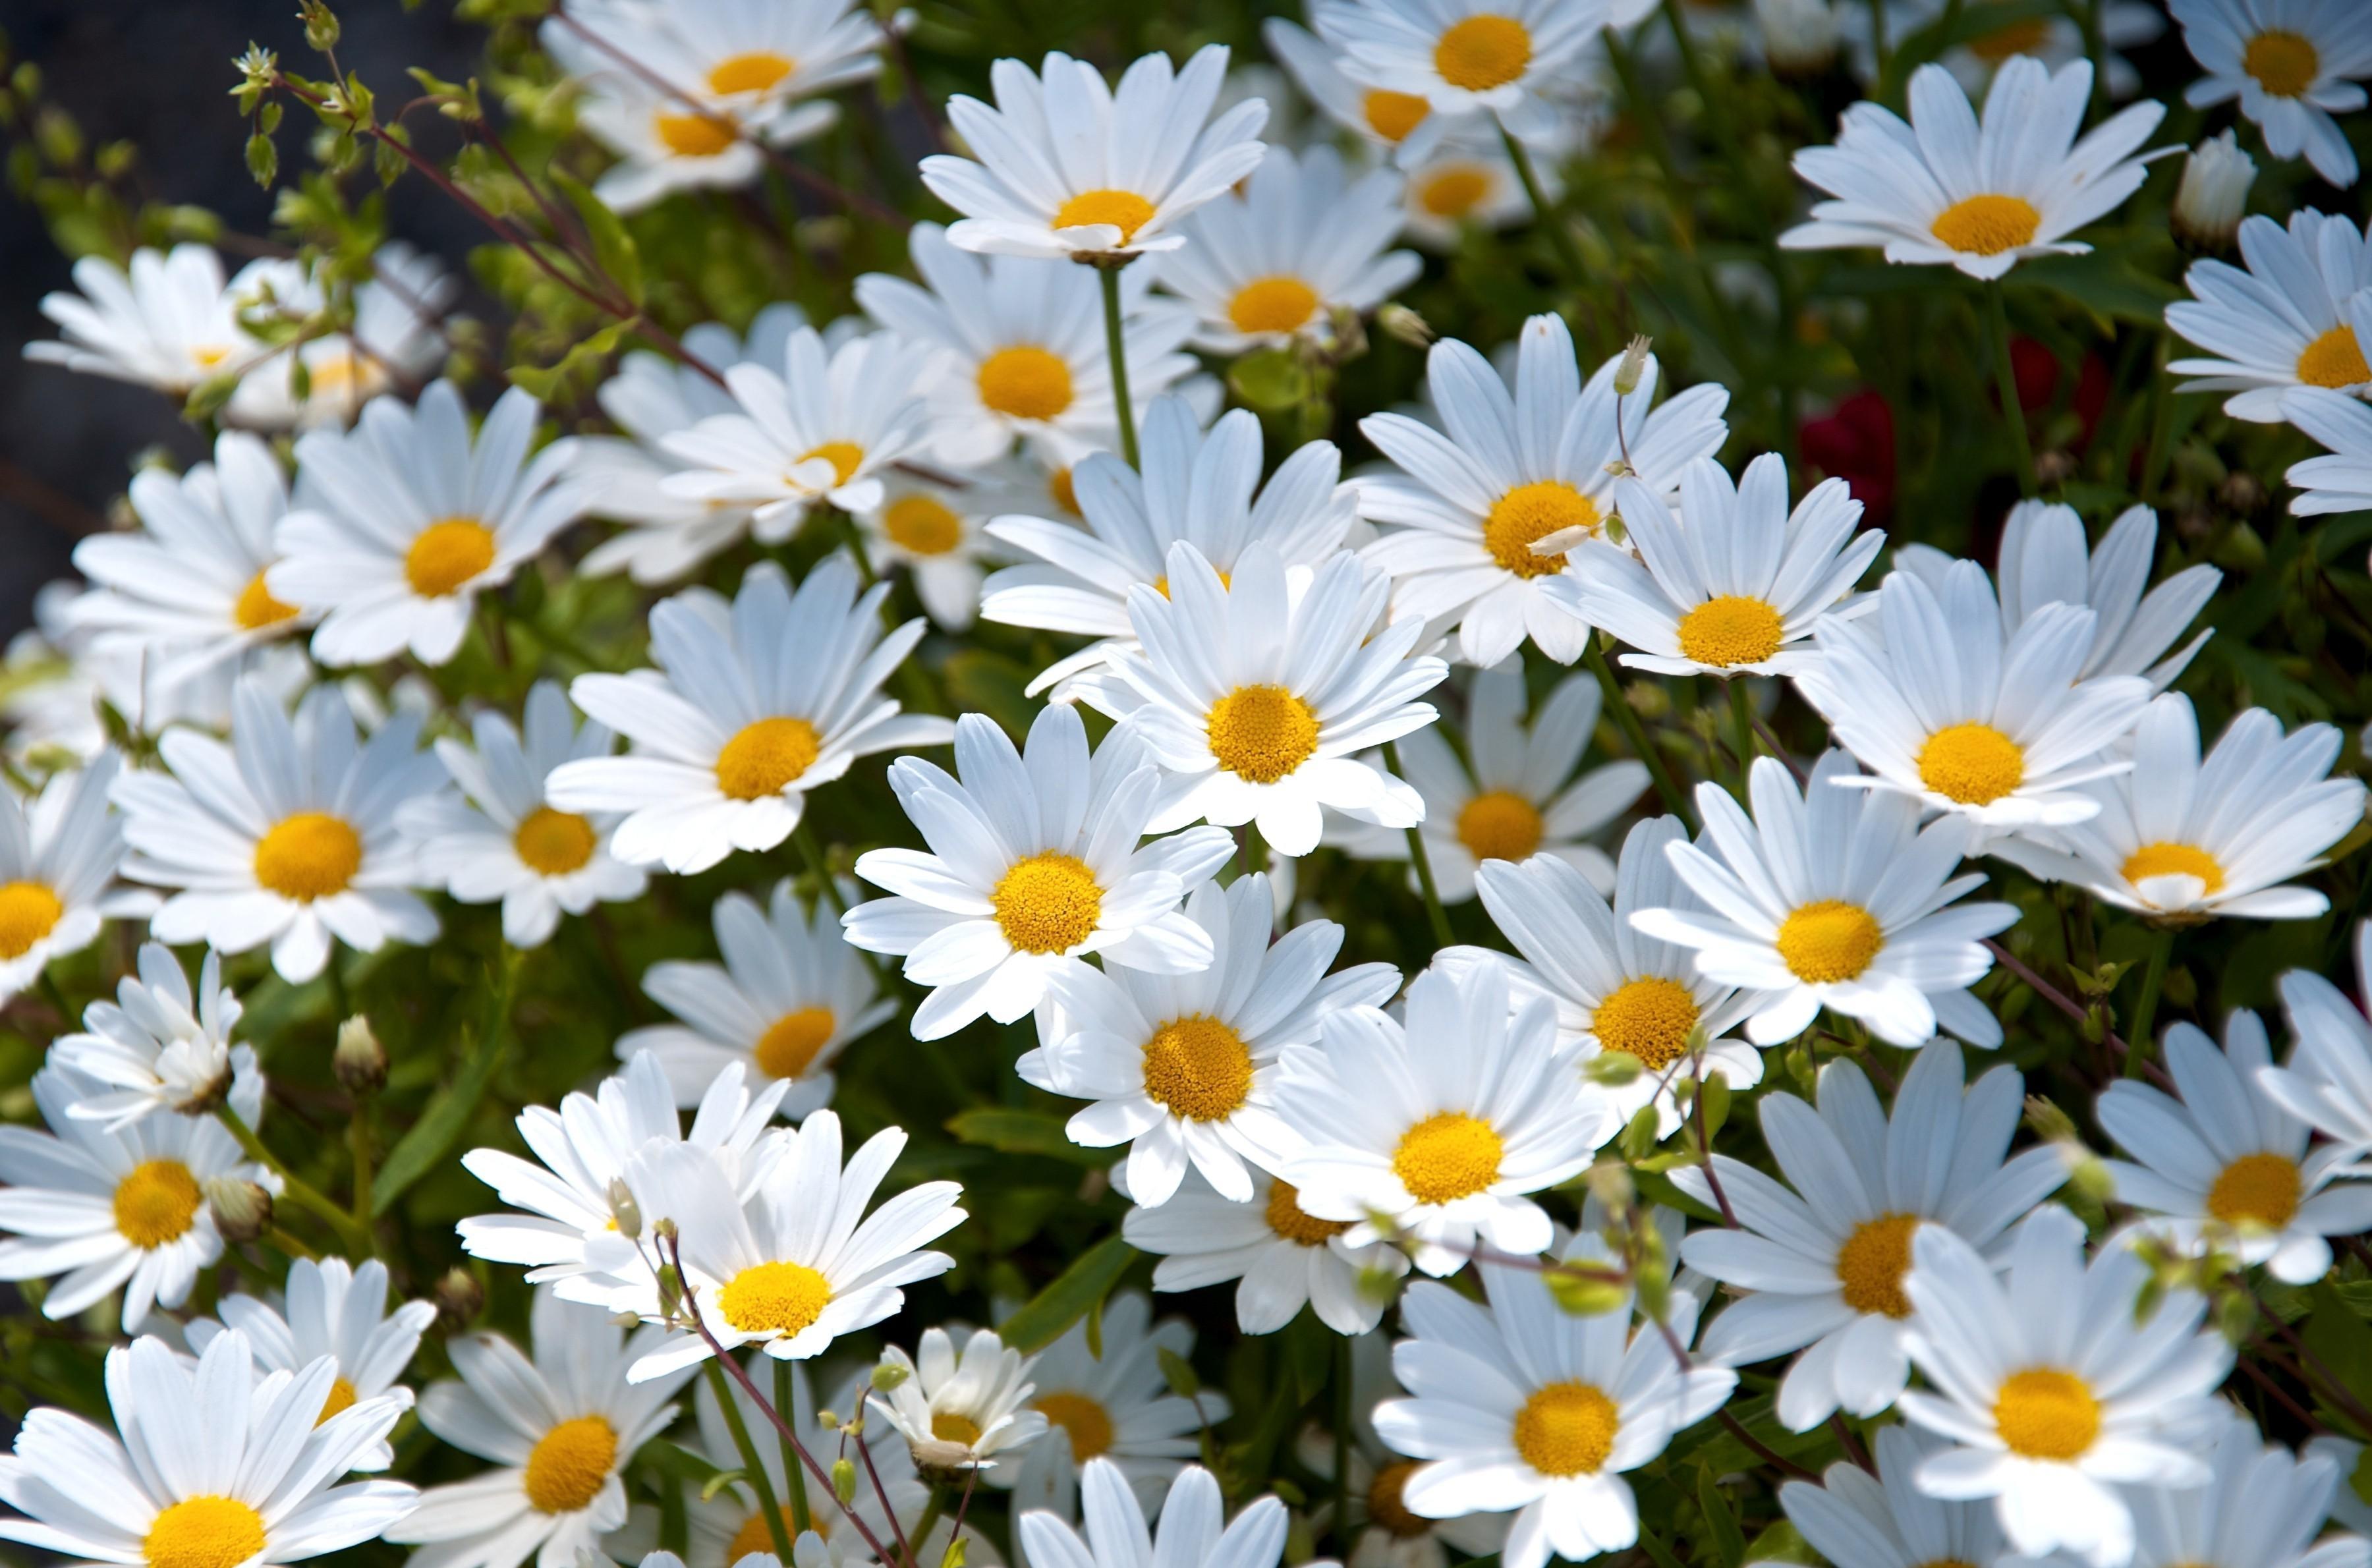 92002 скачать обои Цветы, Ромашки, Лето, Настроение, Поляна - заставки и картинки бесплатно